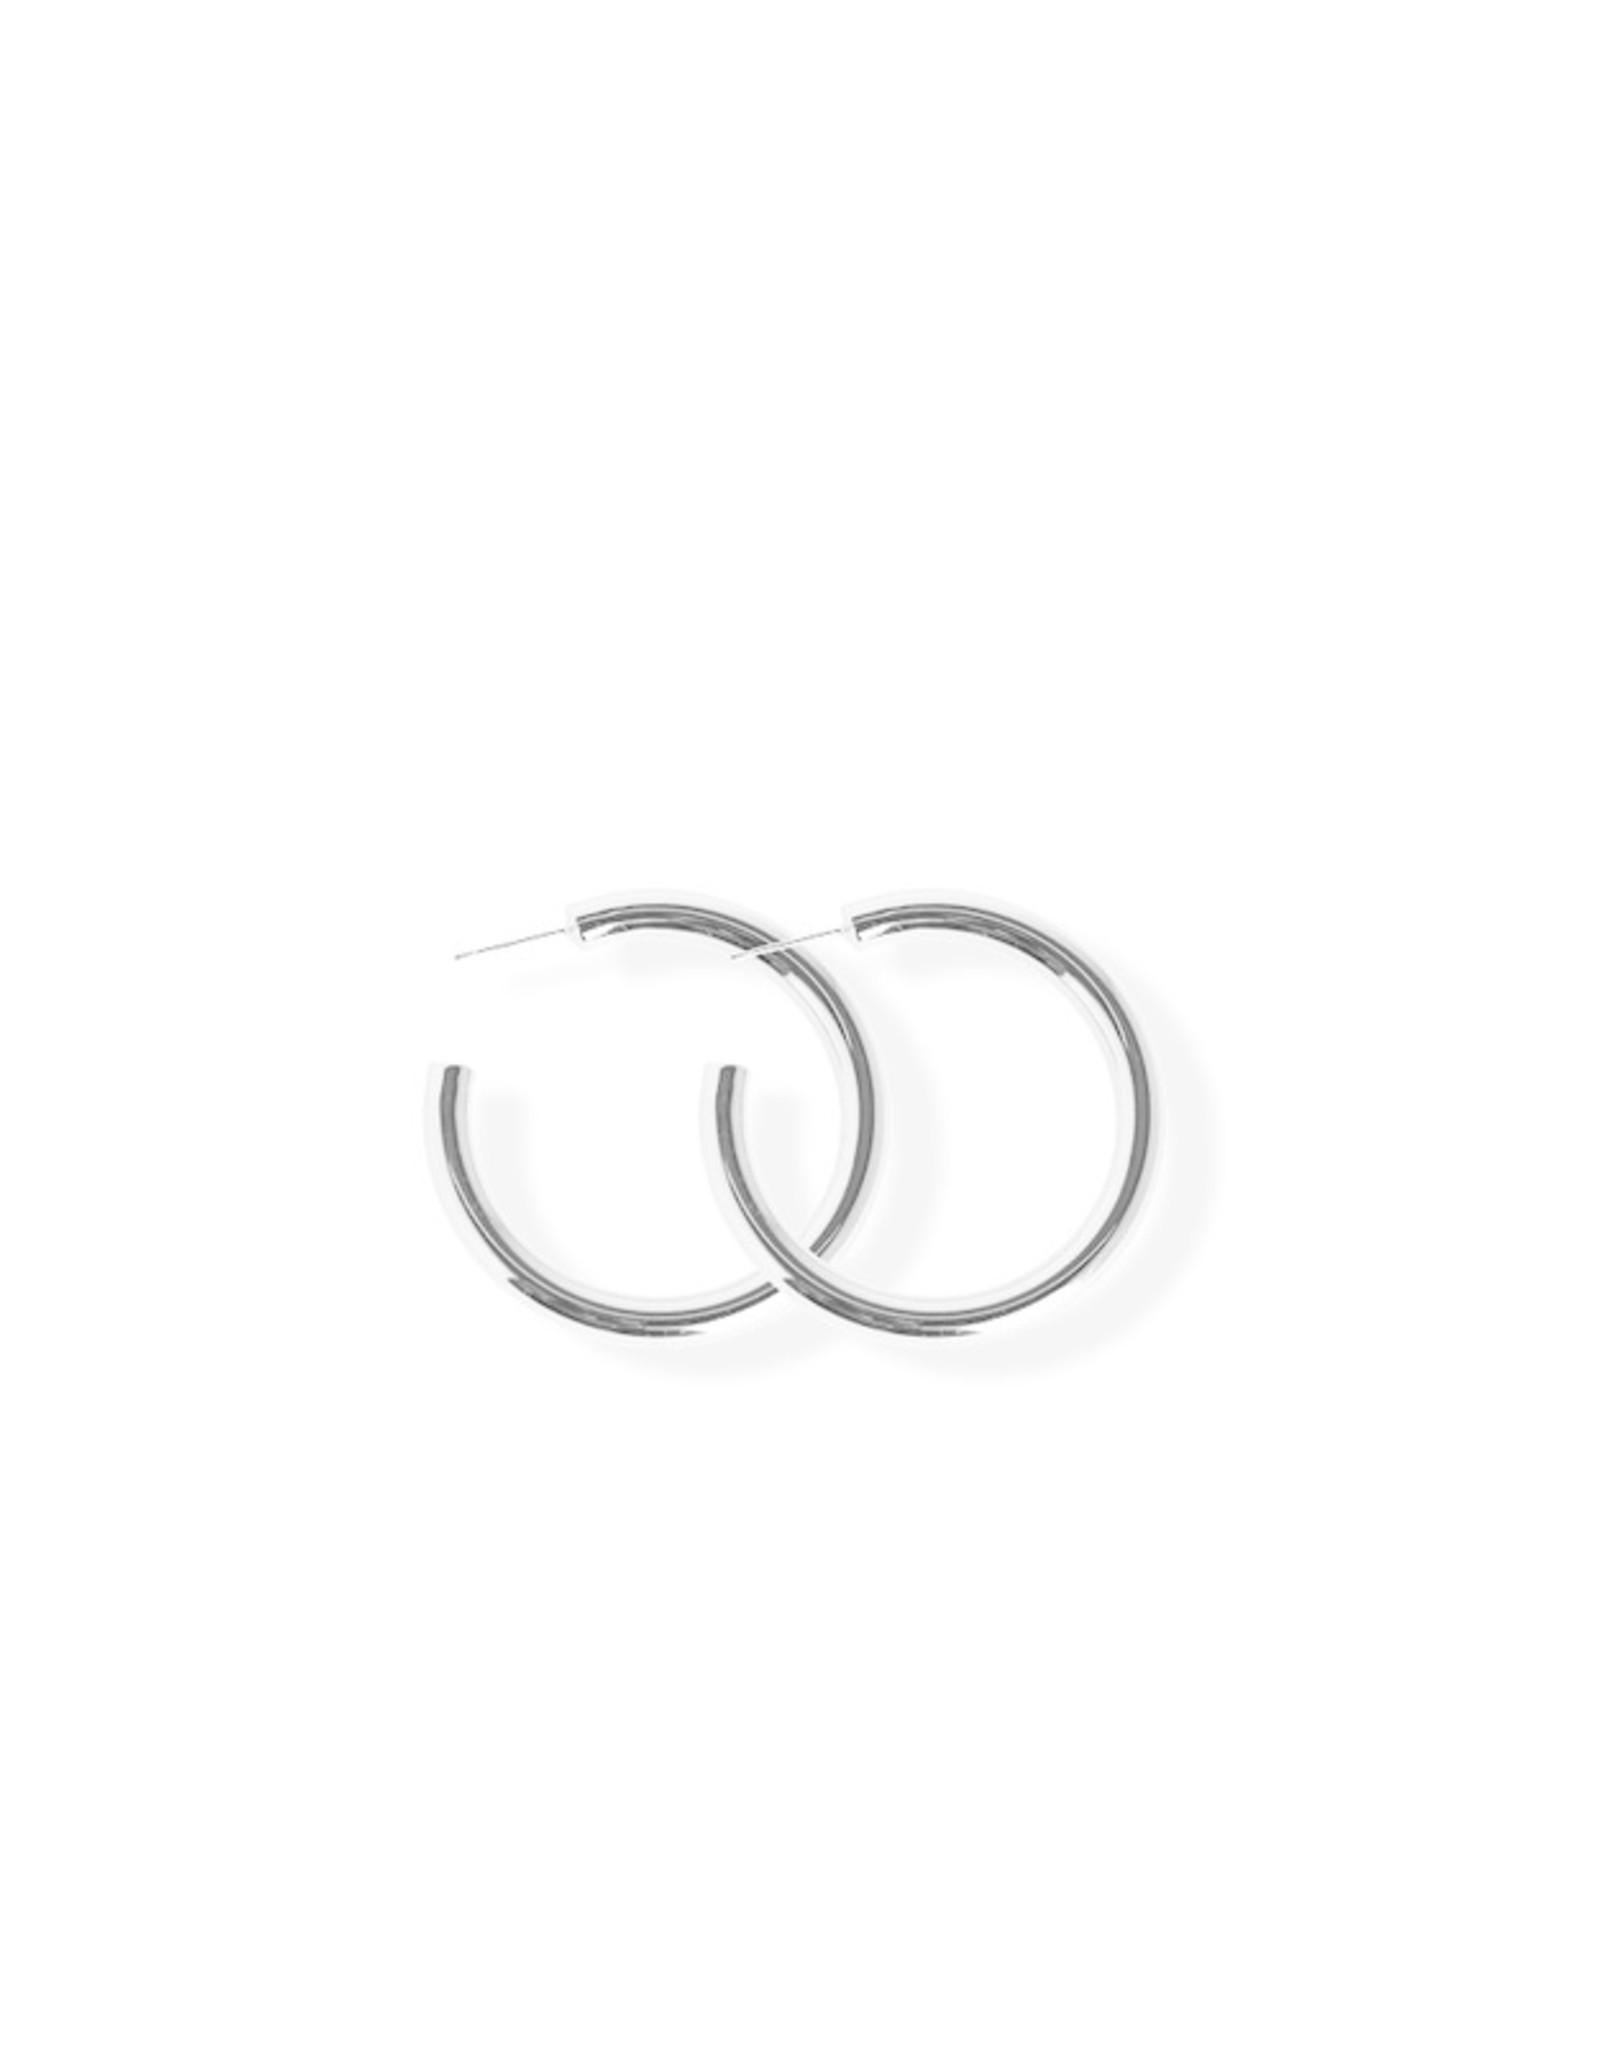 Fab accessories Boucle d'oreilles - Petit anneaux en acier inoxydable